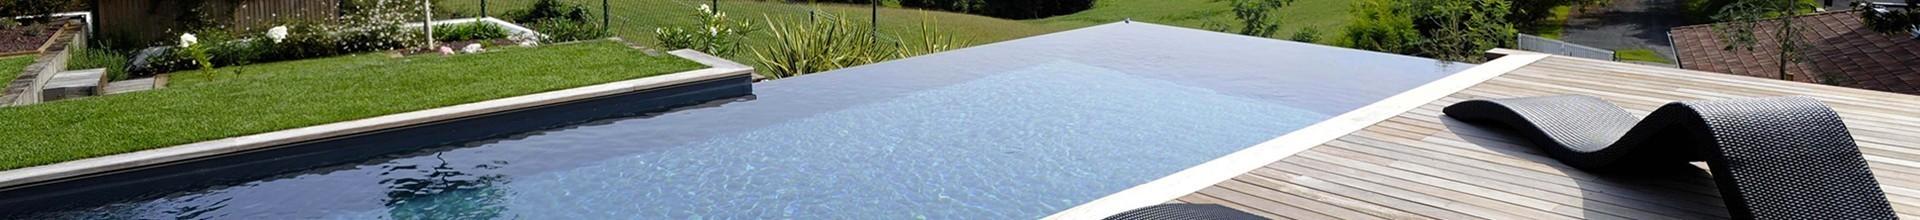 Normandie Orne plans de montage d'une piscine en béton, robuste